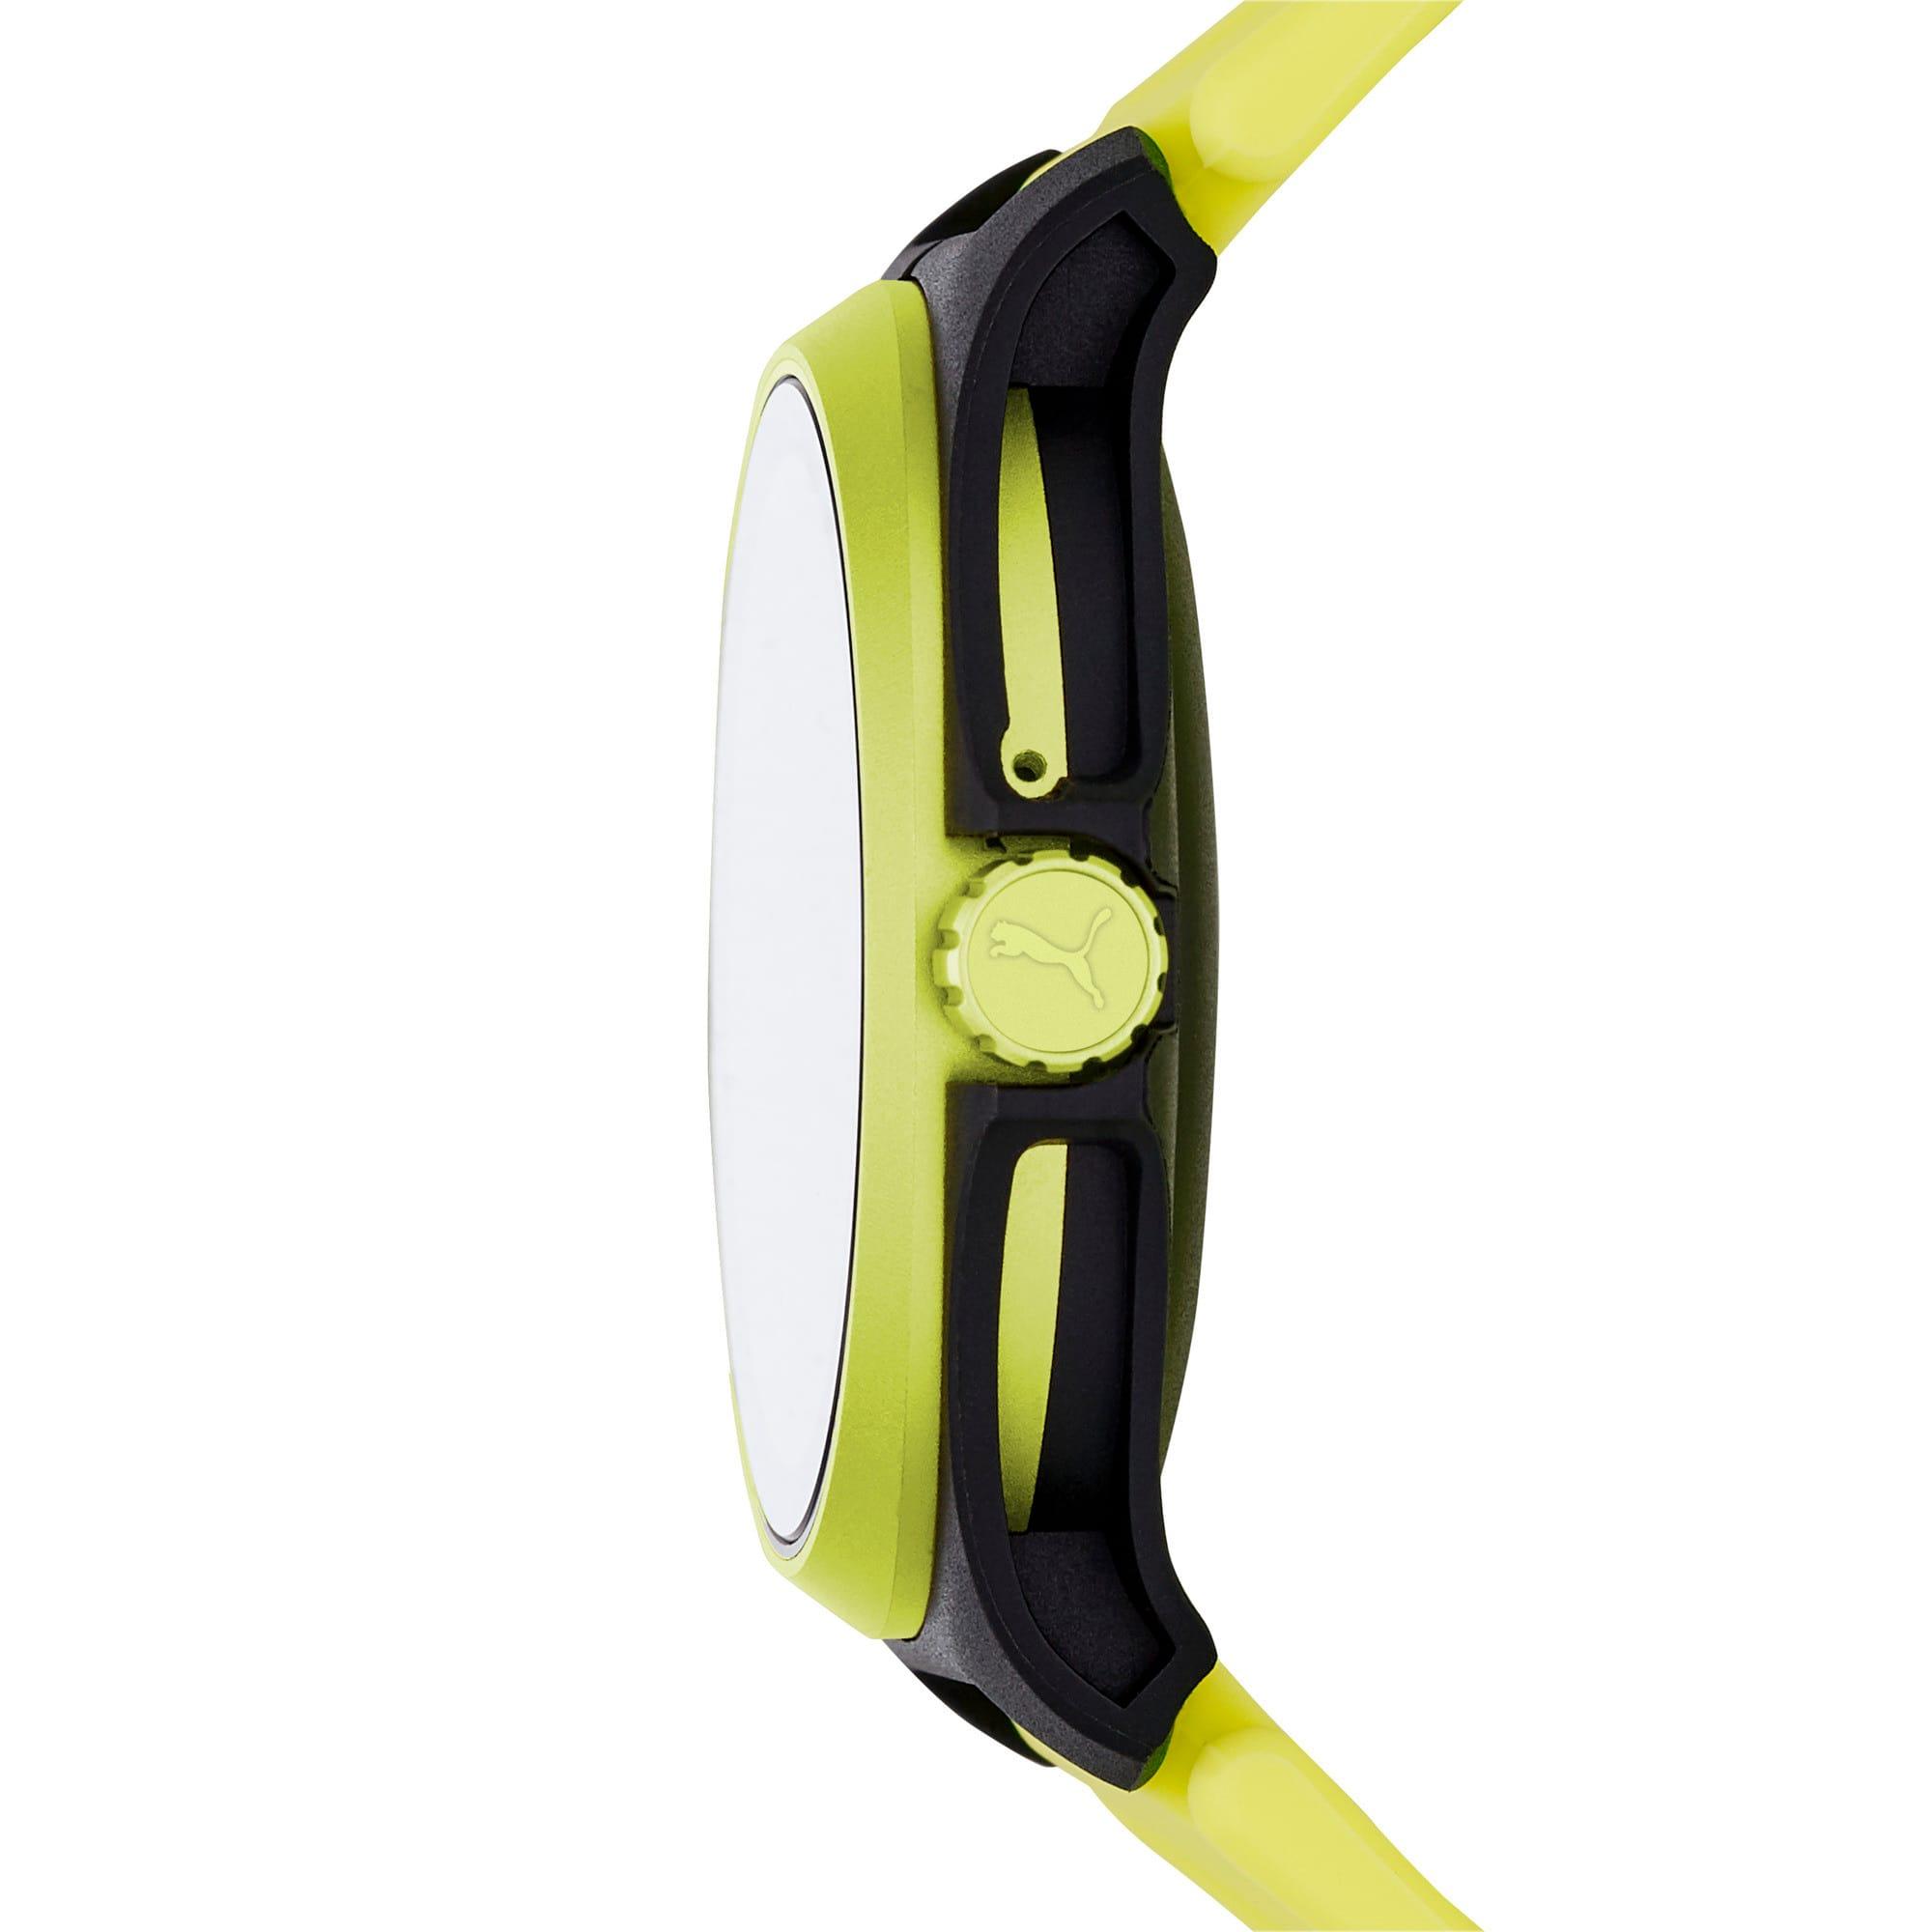 Thumbnail 4 of ユニセックス プーマ ハート レート 44mm スマートウォッチ 時計, Yellow/Black, medium-JPN